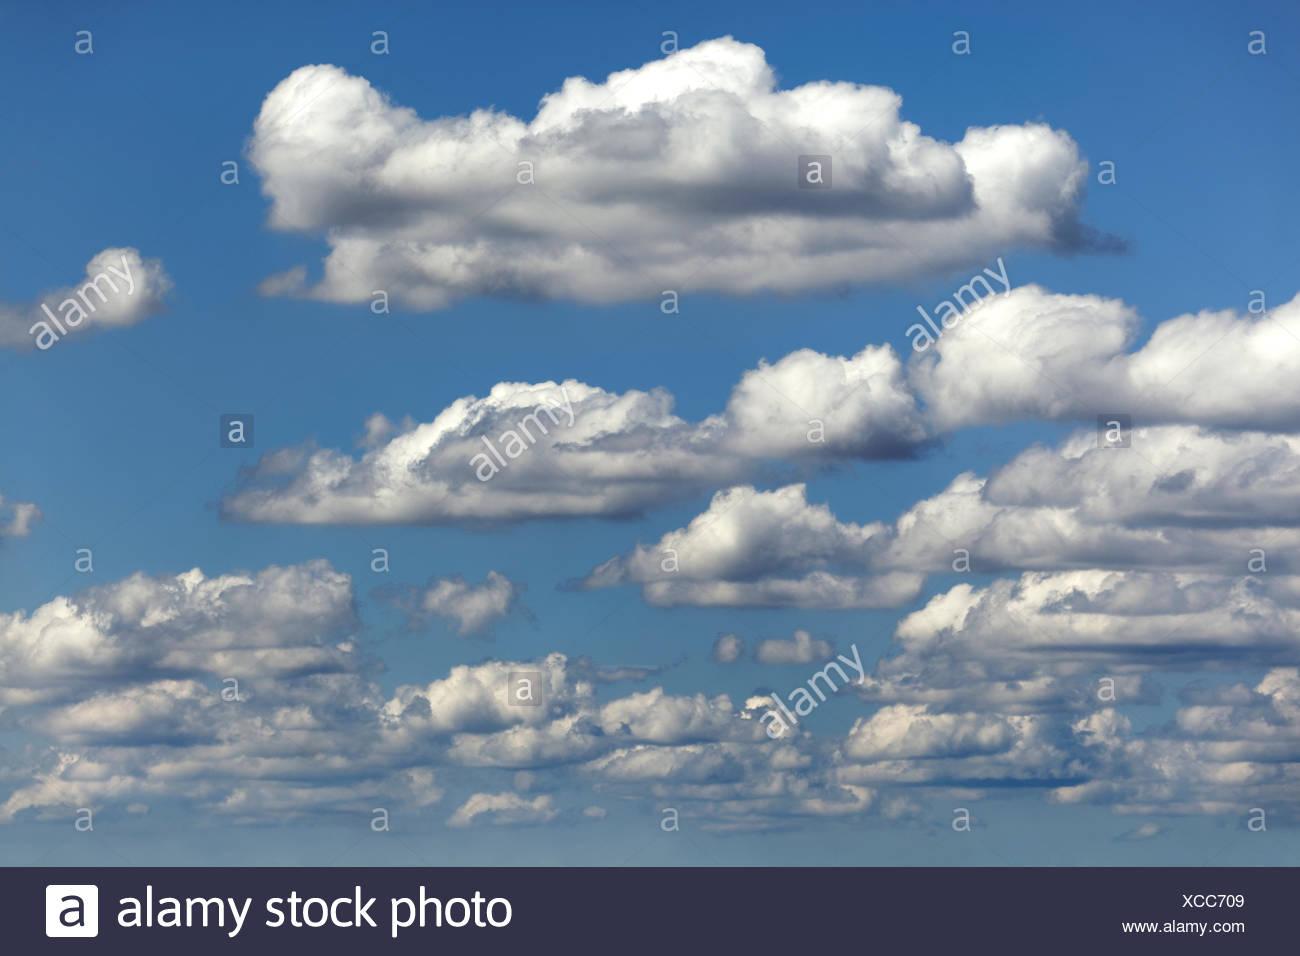 El tiempo justo de las nubes, agrupaciones nubosas, Cúmulos humilis, Alemania Imagen De Stock